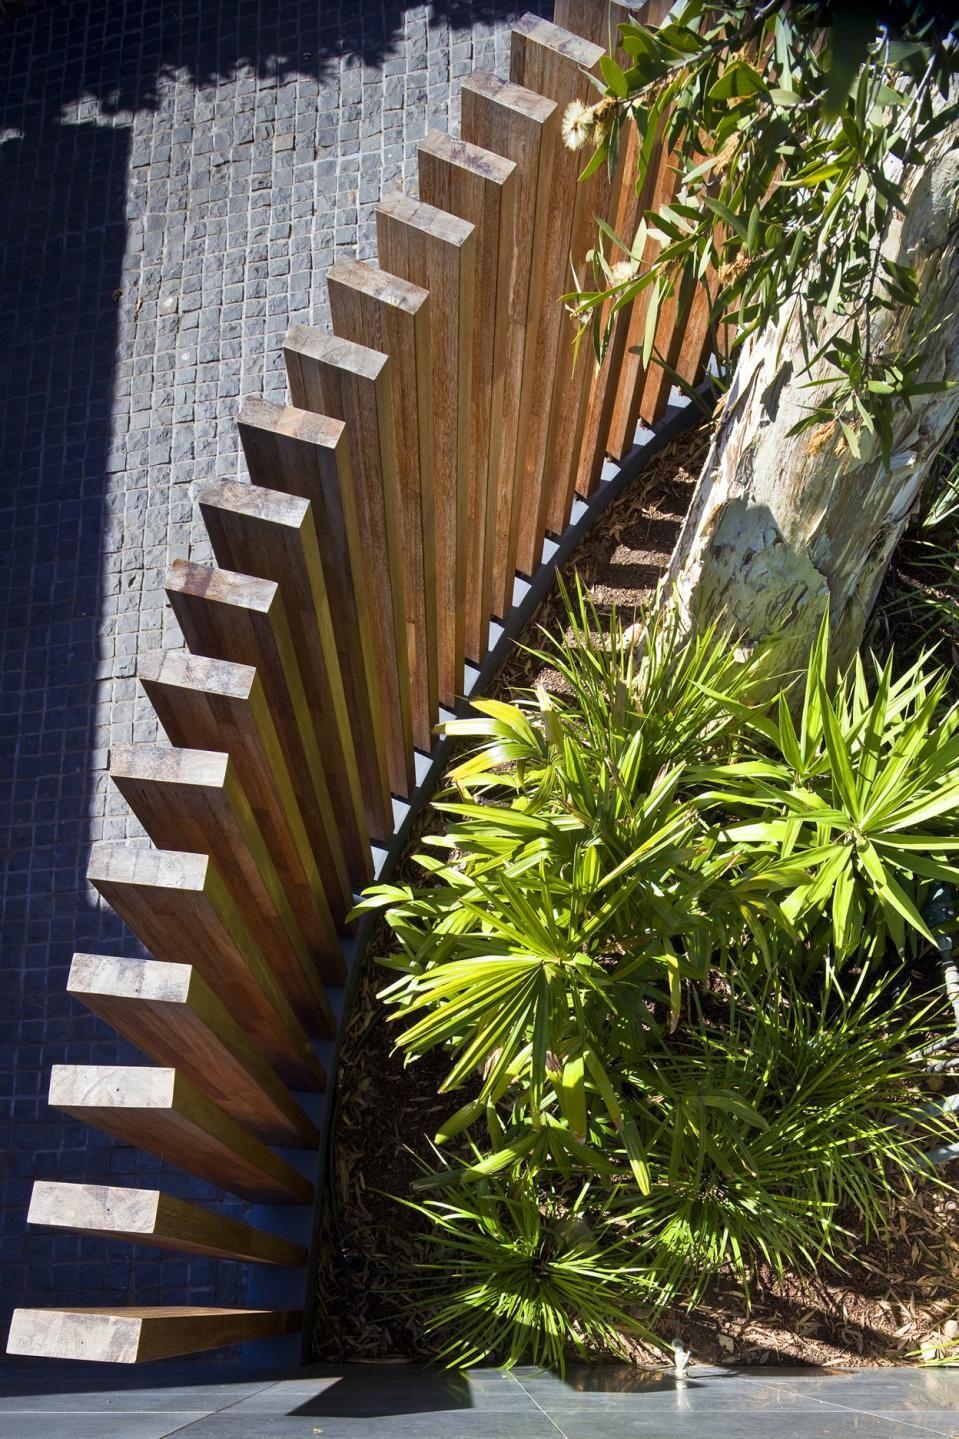 ▷ 95+ Idées Pour La Clôture De Jardin - Palissade, Brise ... destiné Brise Vue Cloture Jardin